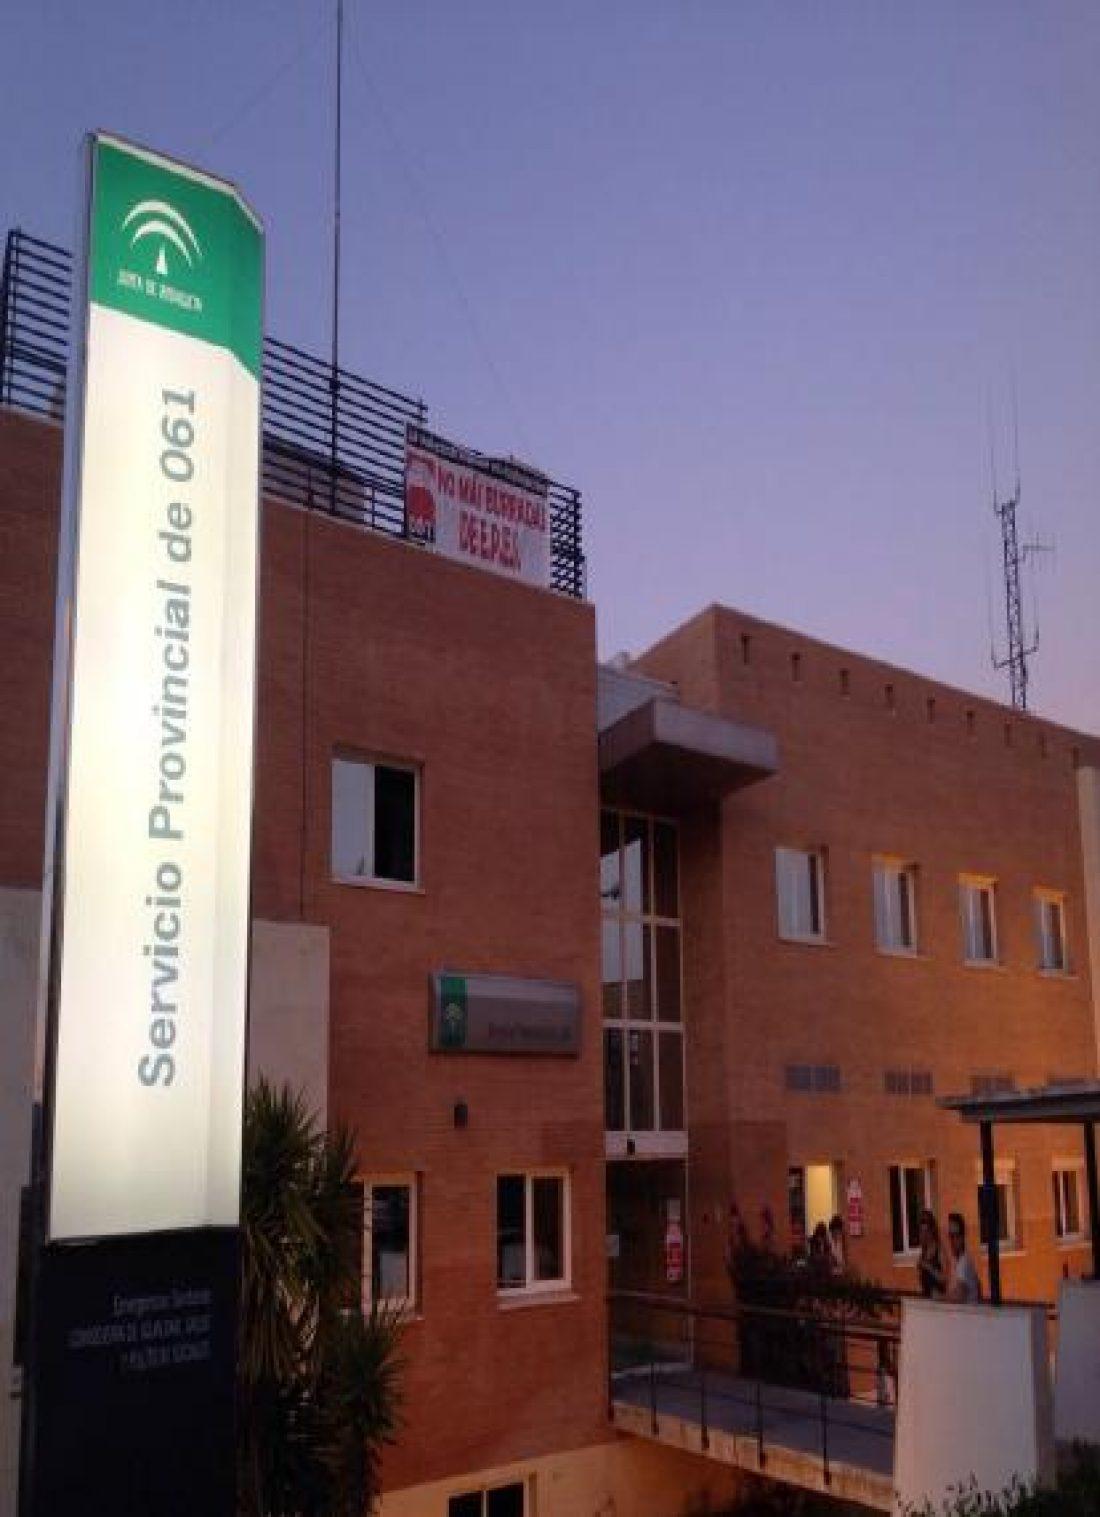 Se cumplen 11 días de encierro en el 061 Málaga